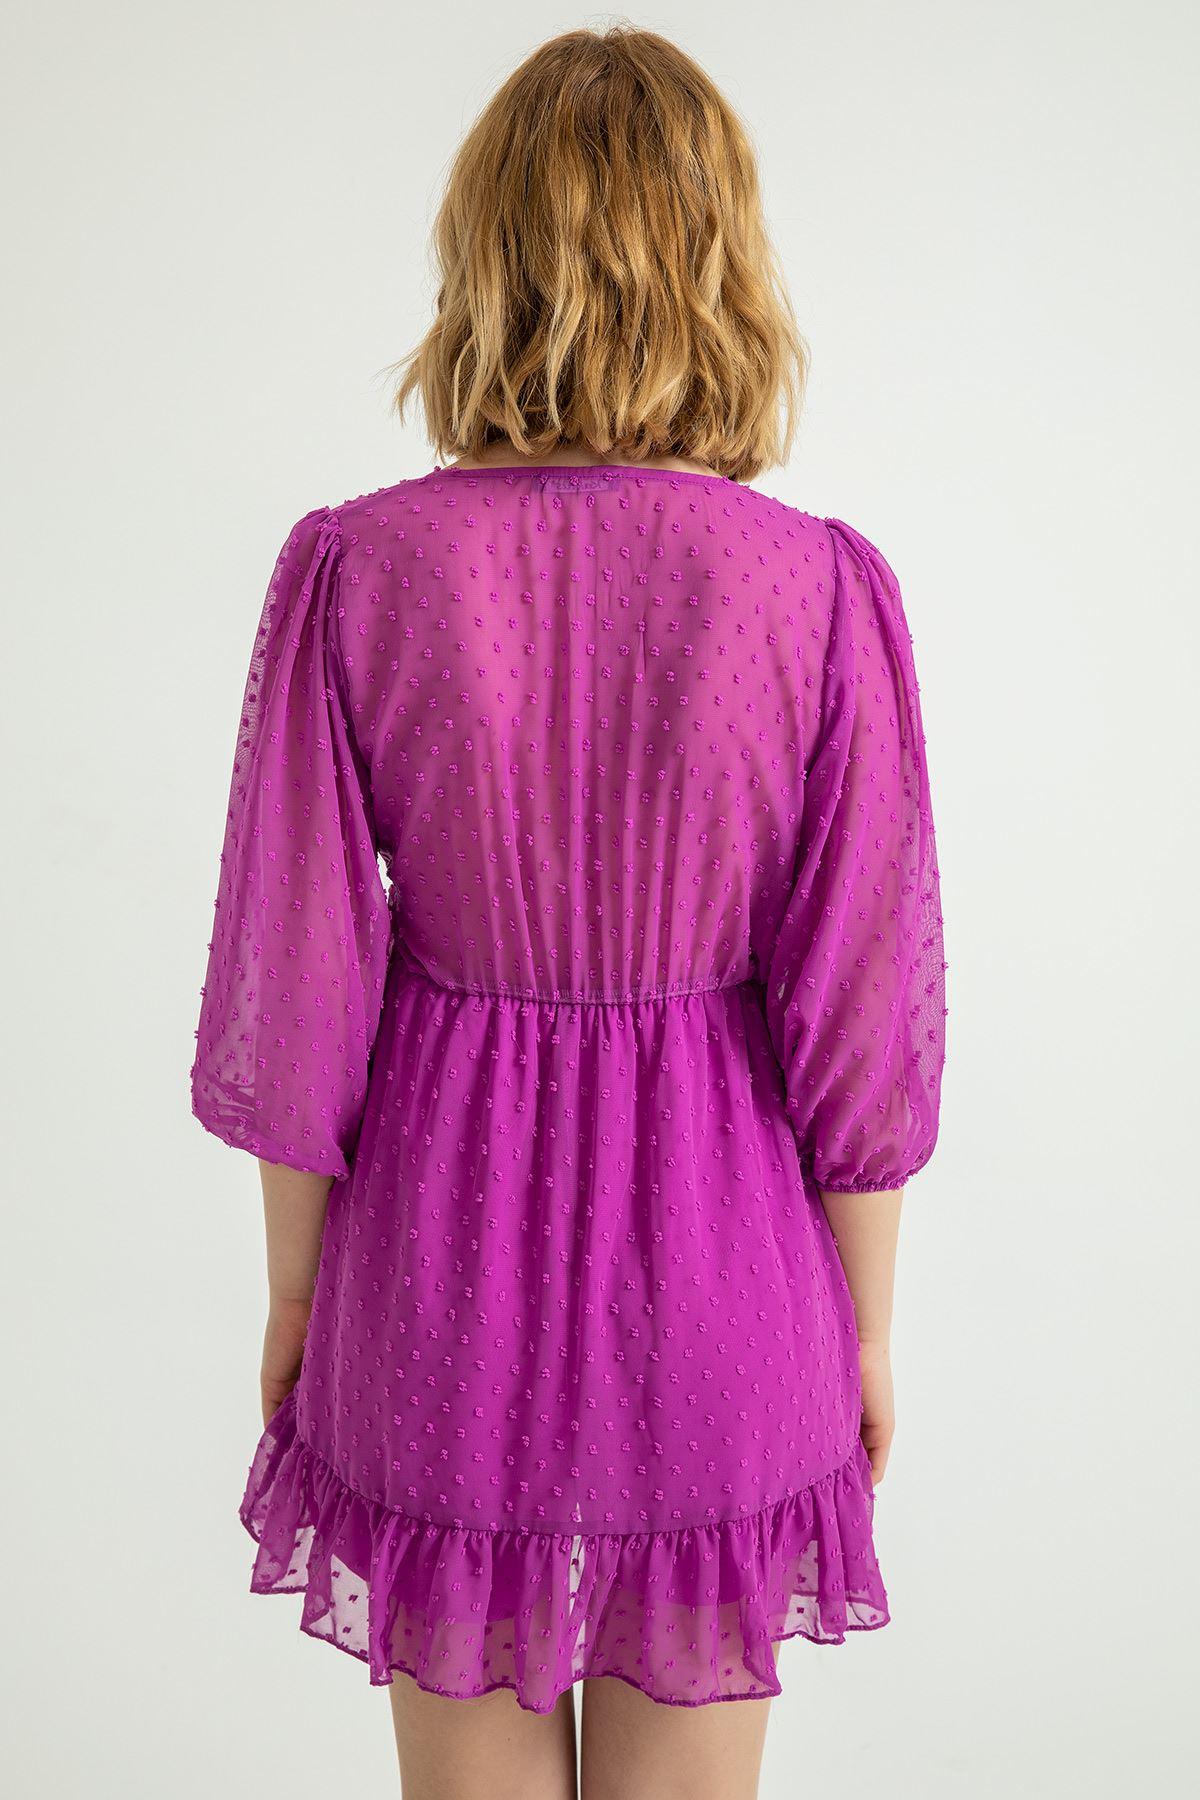 Anvelop Yandan Bağlamalı Kesme Şifon Elbise-Mor